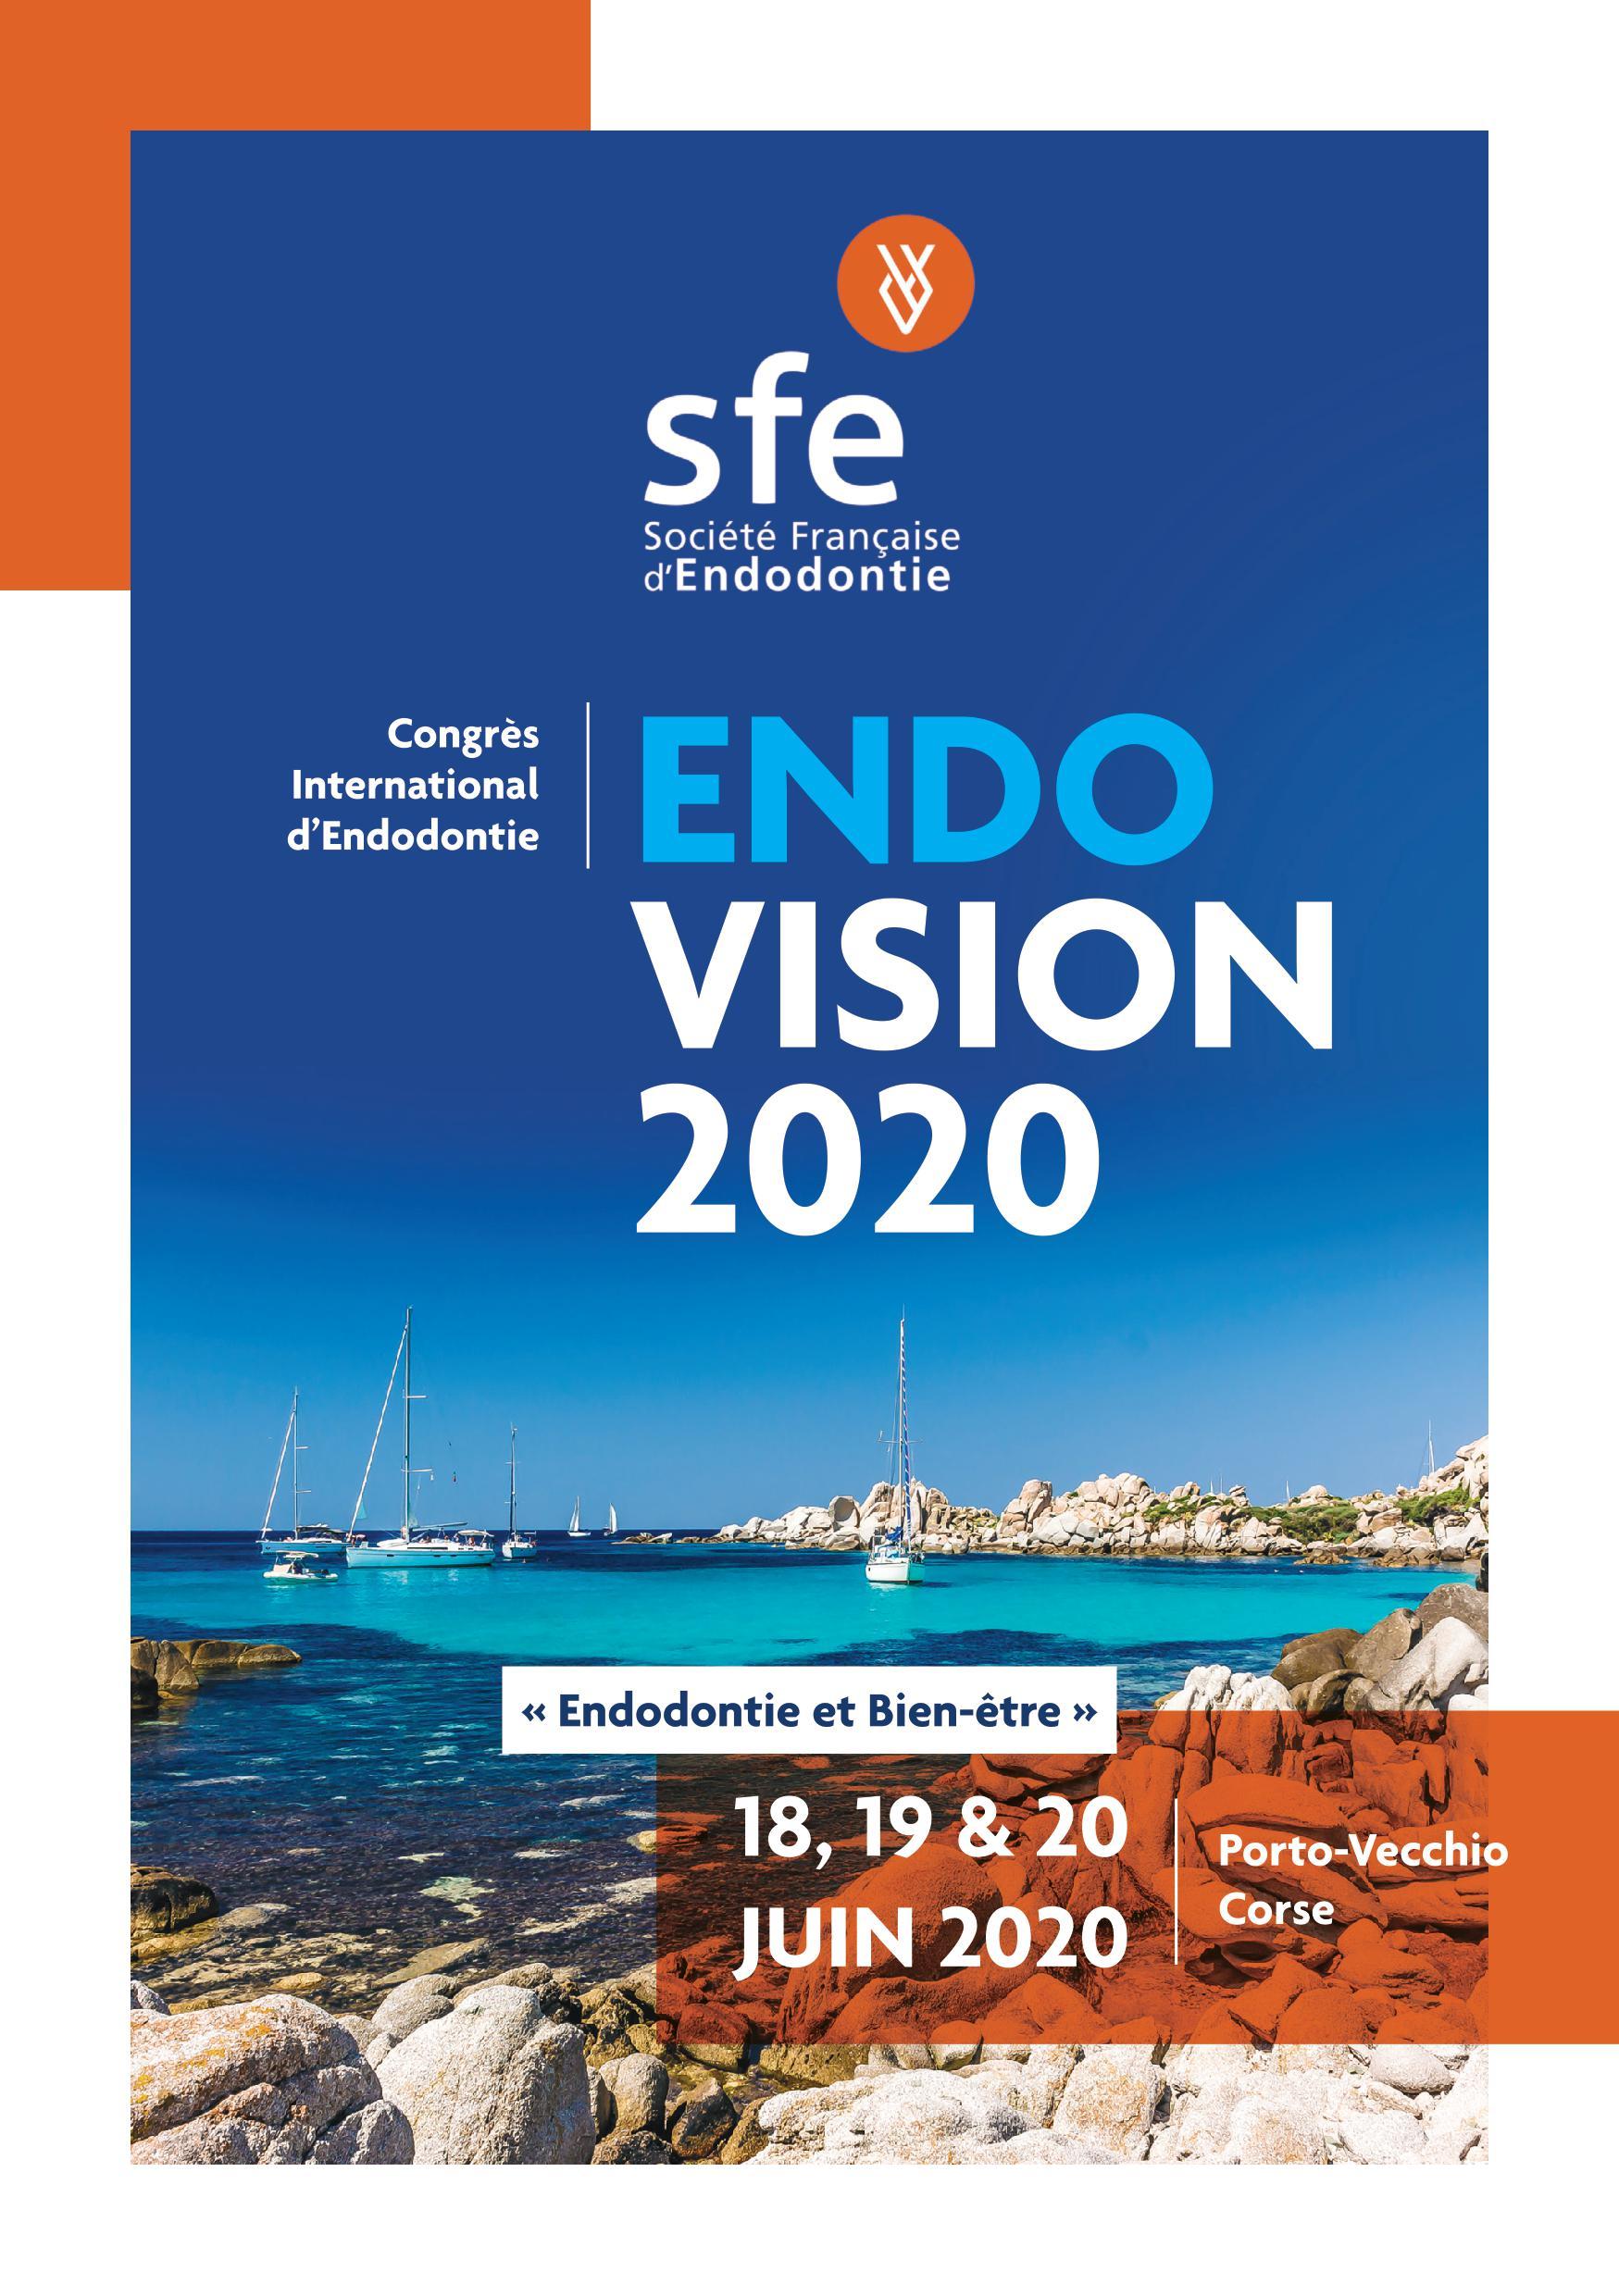 SFE : endo vision